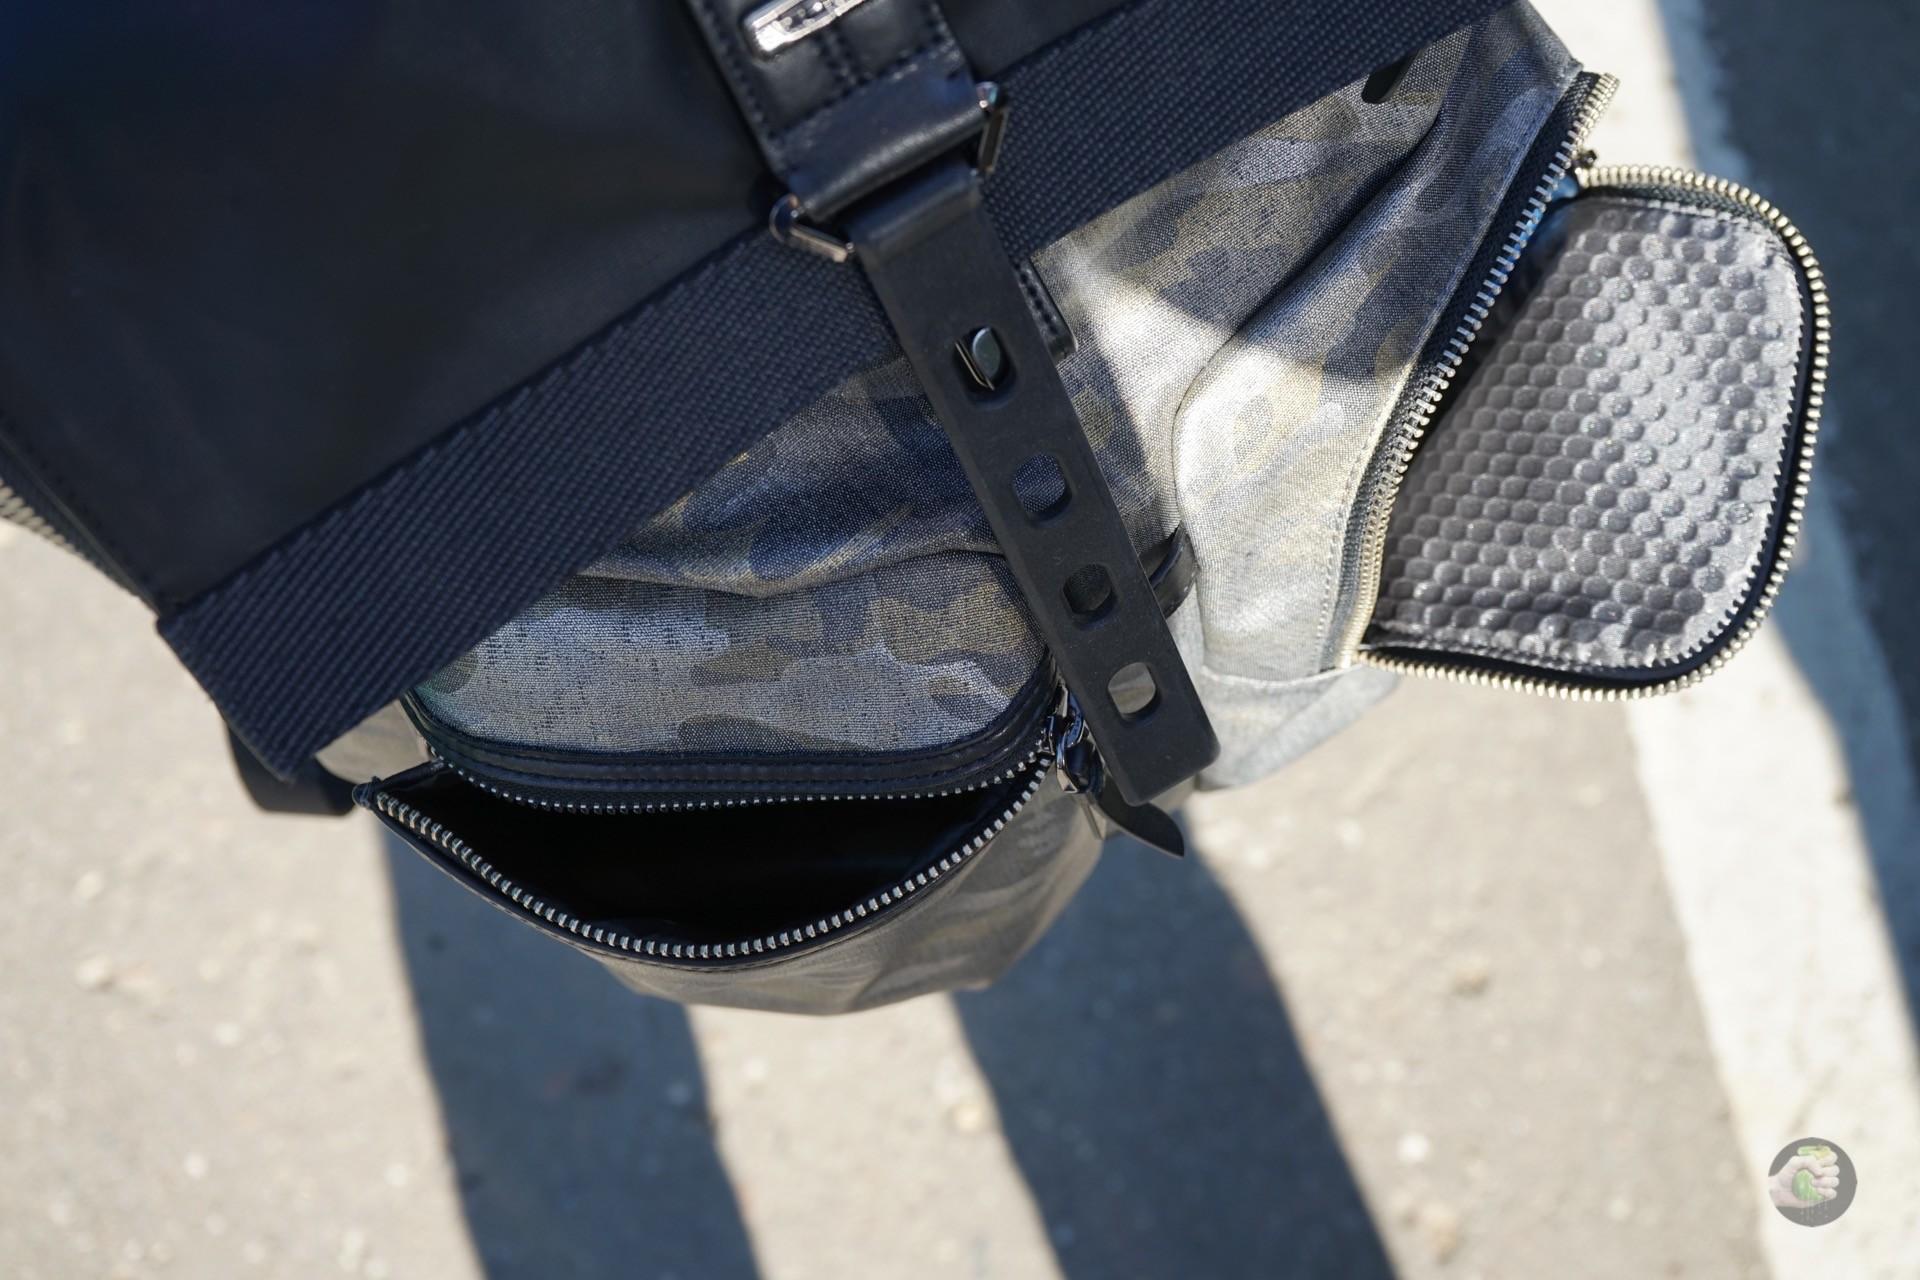 В целом, материалы радуют — конечно, хотелось бы полностью кожаный рюкзак,  но пока не заработал, а если бы и заработал, то жаба не дала купить. 70ccaf43d9b